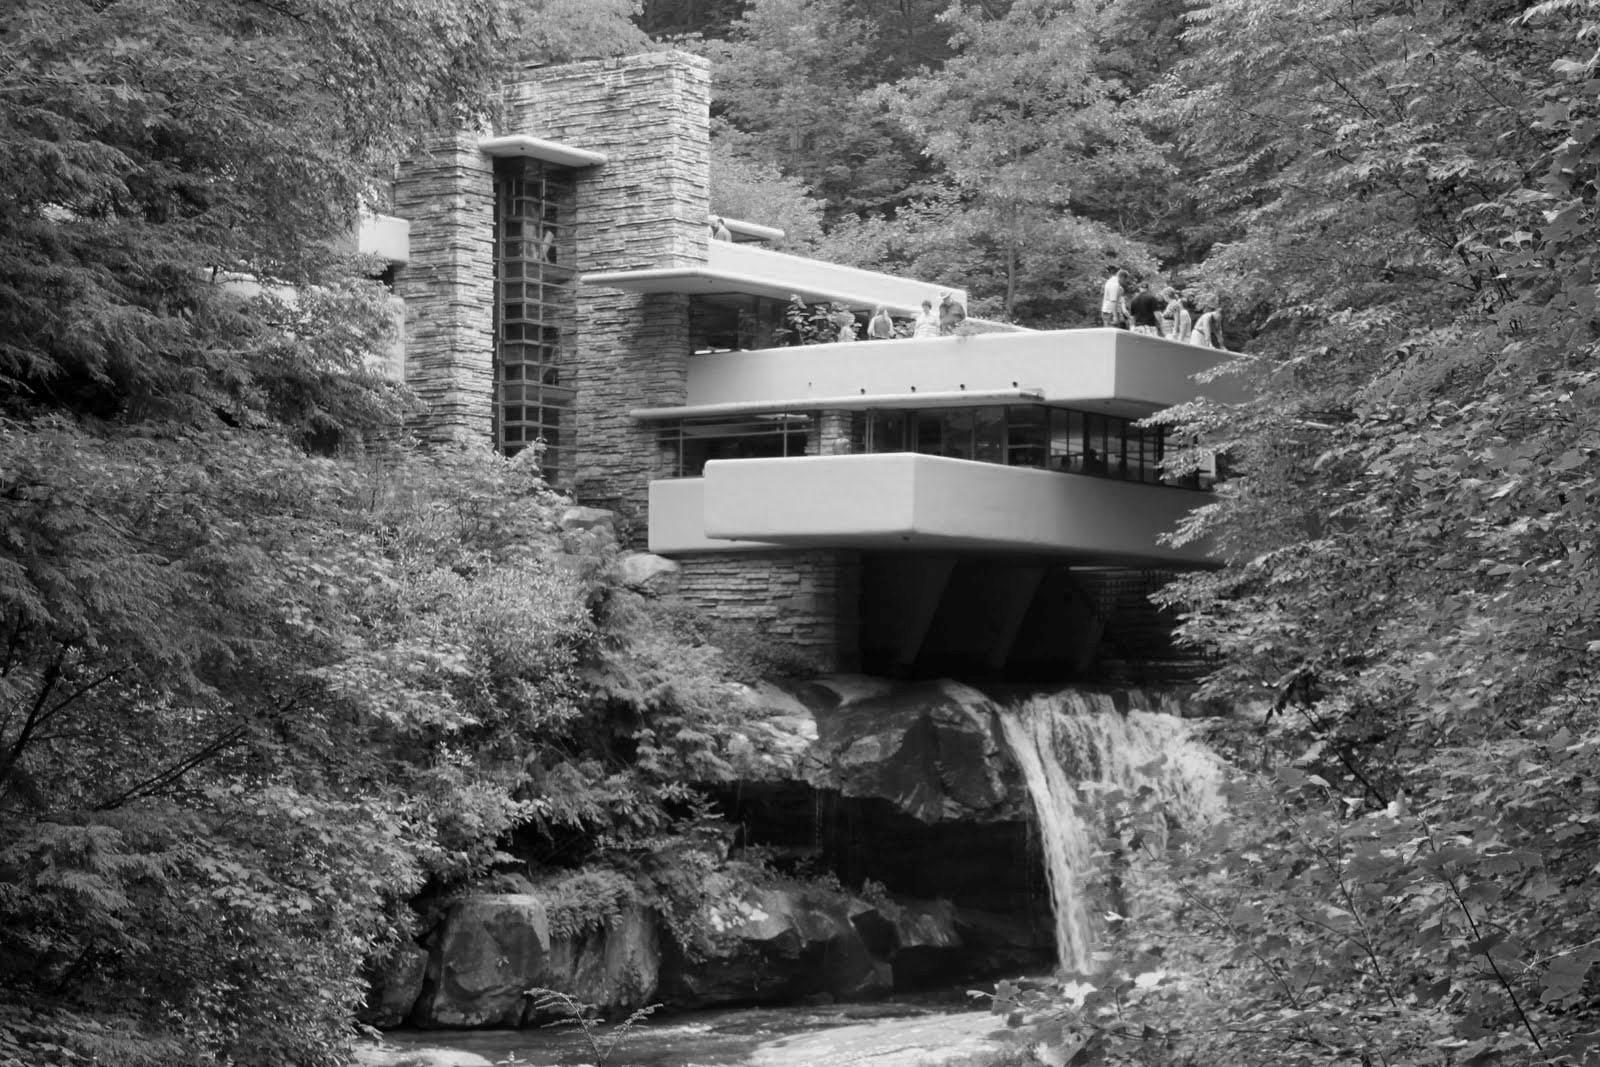 Casa de la cascada, Frank Lloyd Wright 1939. En el ámbito del diseño y la arquitectura posmoderna, la frase 'Form follows function' adquirió una relevancia e influencia que sigue latente hoy en día